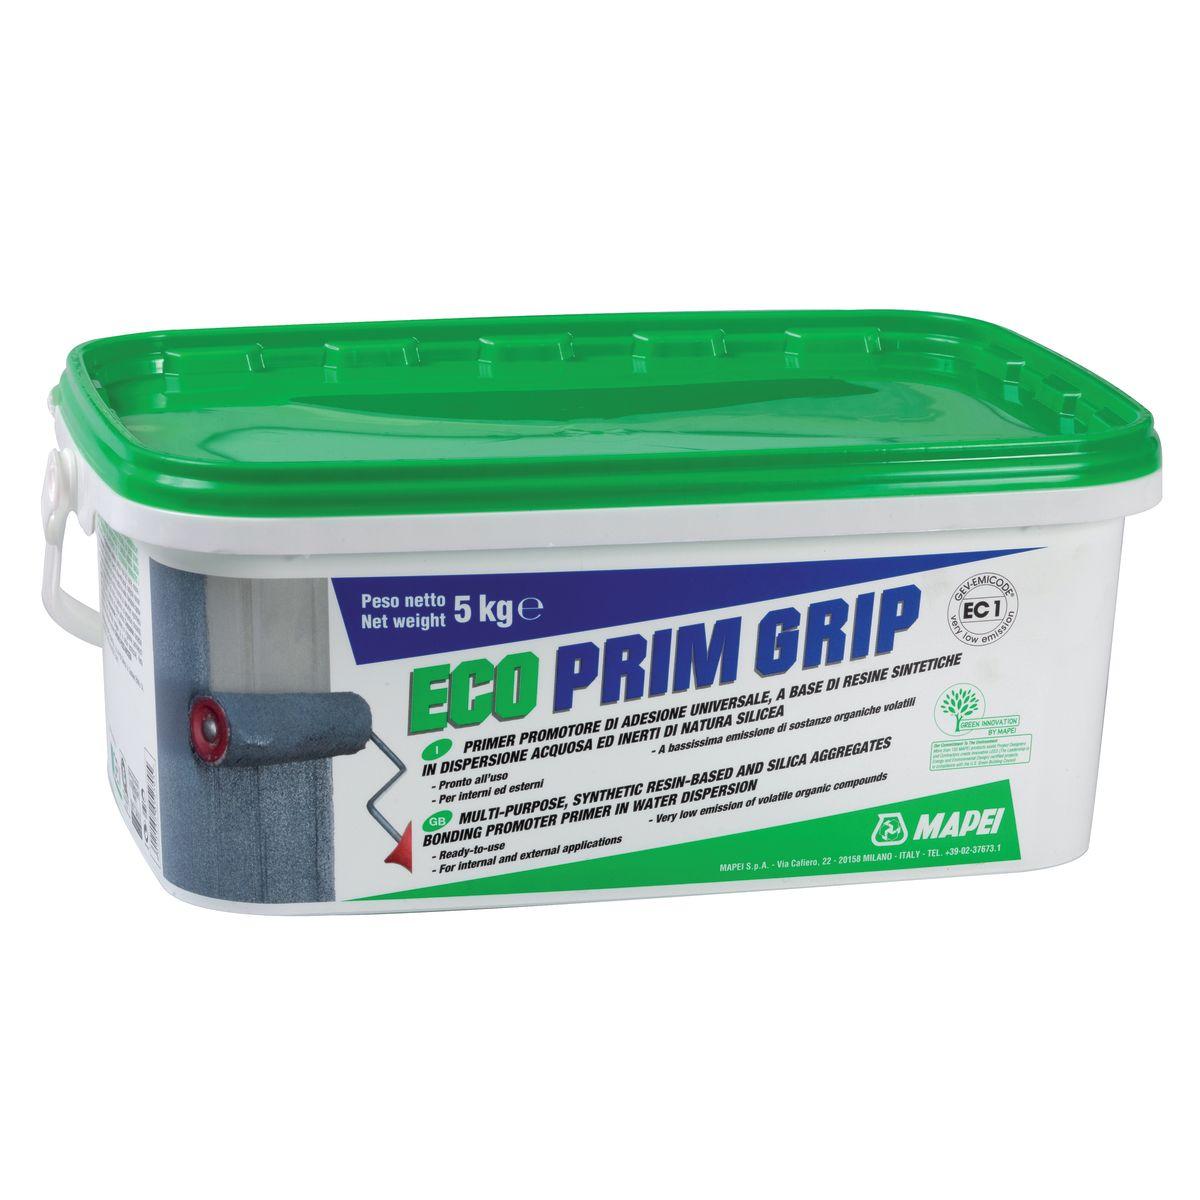 Aggrappante universale Eco Prim Grip Mapei grigio 5 kg: prezzi e ...